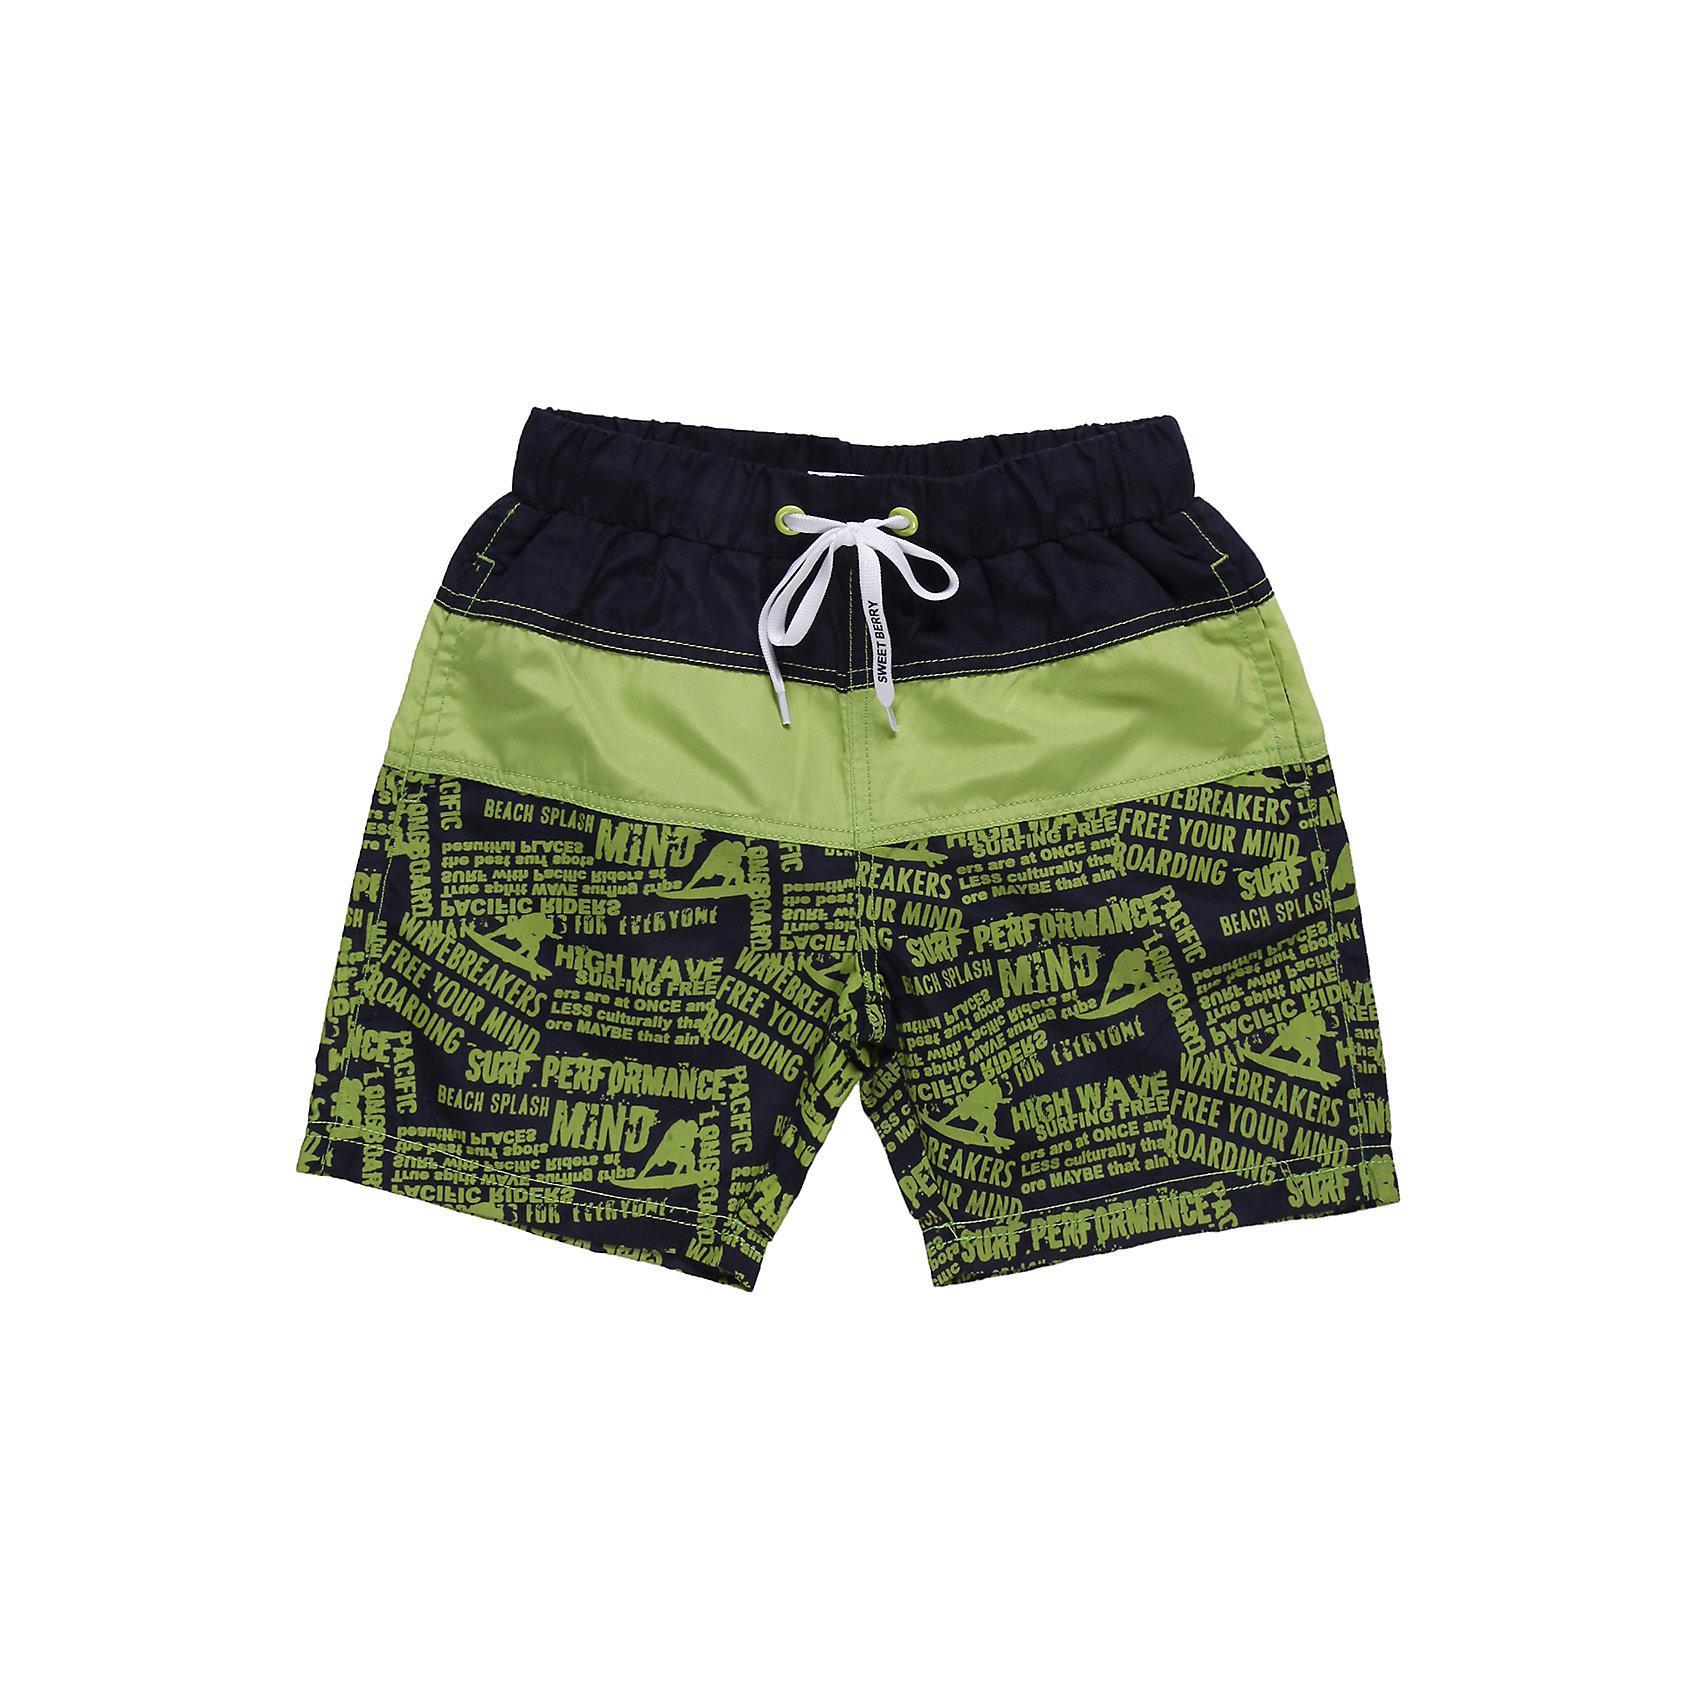 Шорты купальные для мальчика Sweet BerryКупальники и плавки<br>Яркие  пляжные шорты . Эластичный пояс на резинке, регулируется шнурком<br>Состав:<br>100% полиэстер<br><br>Ширина мм: 183<br>Глубина мм: 60<br>Высота мм: 135<br>Вес г: 119<br>Цвет: разноцветный<br>Возраст от месяцев: 72<br>Возраст до месяцев: 84<br>Пол: Мужской<br>Возраст: Детский<br>Размер: 122,104,98,128,116,110<br>SKU: 4522880